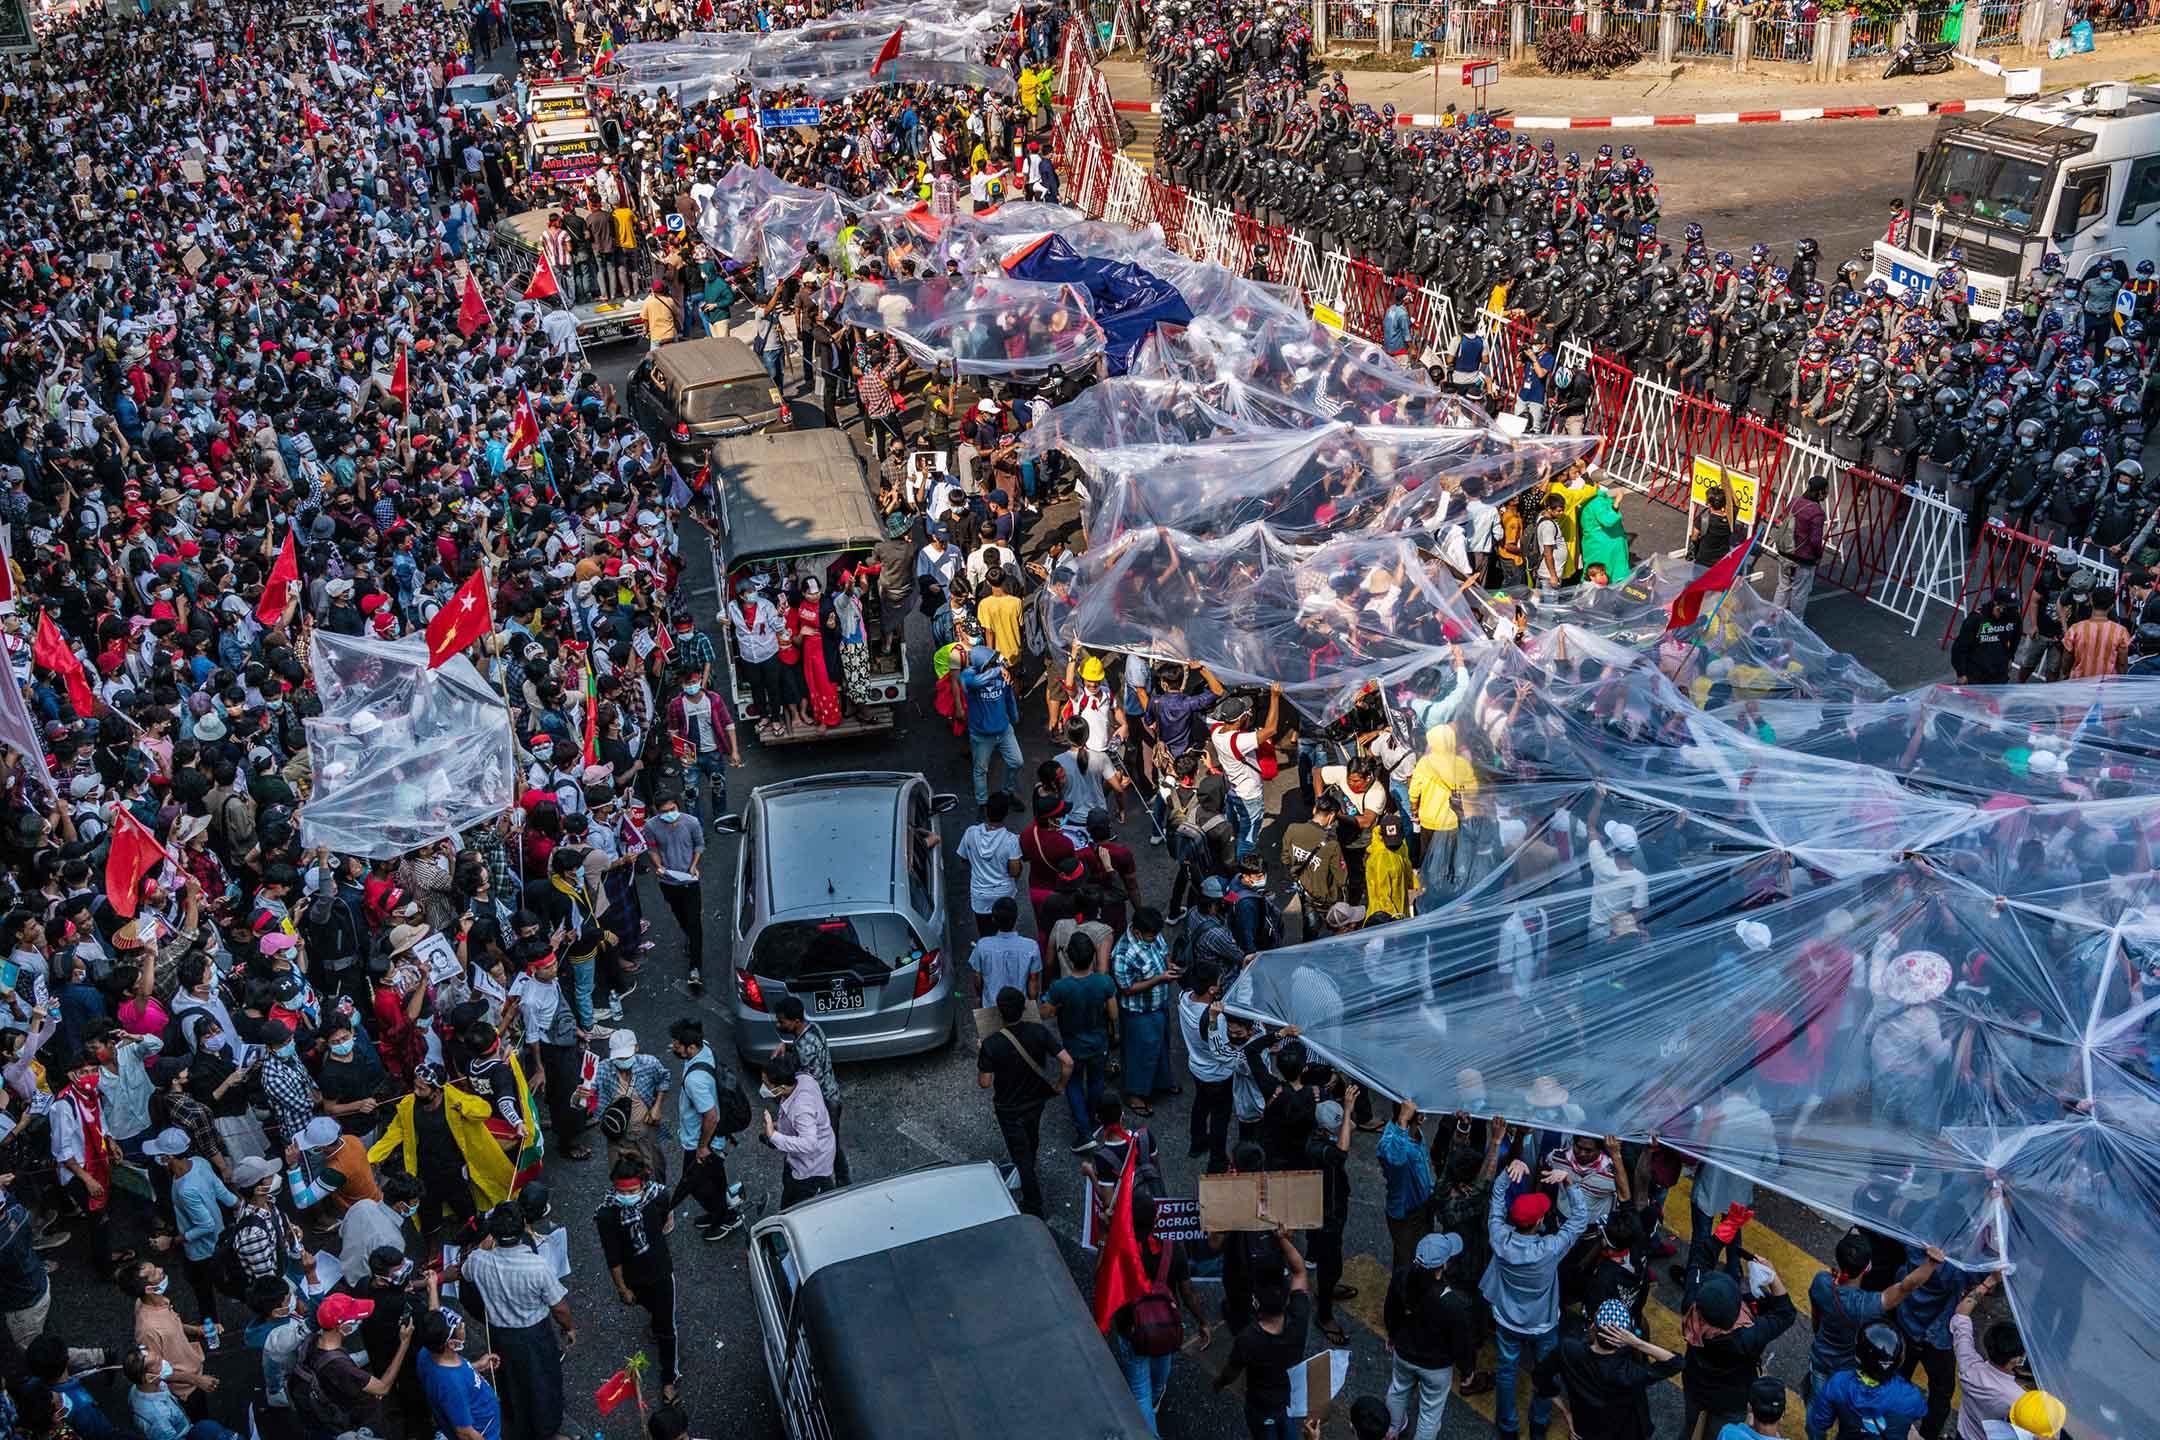 2021年2月09日仰光,示威者用大塑料覆蓋自己,保護自己免受水砲車攻擊。